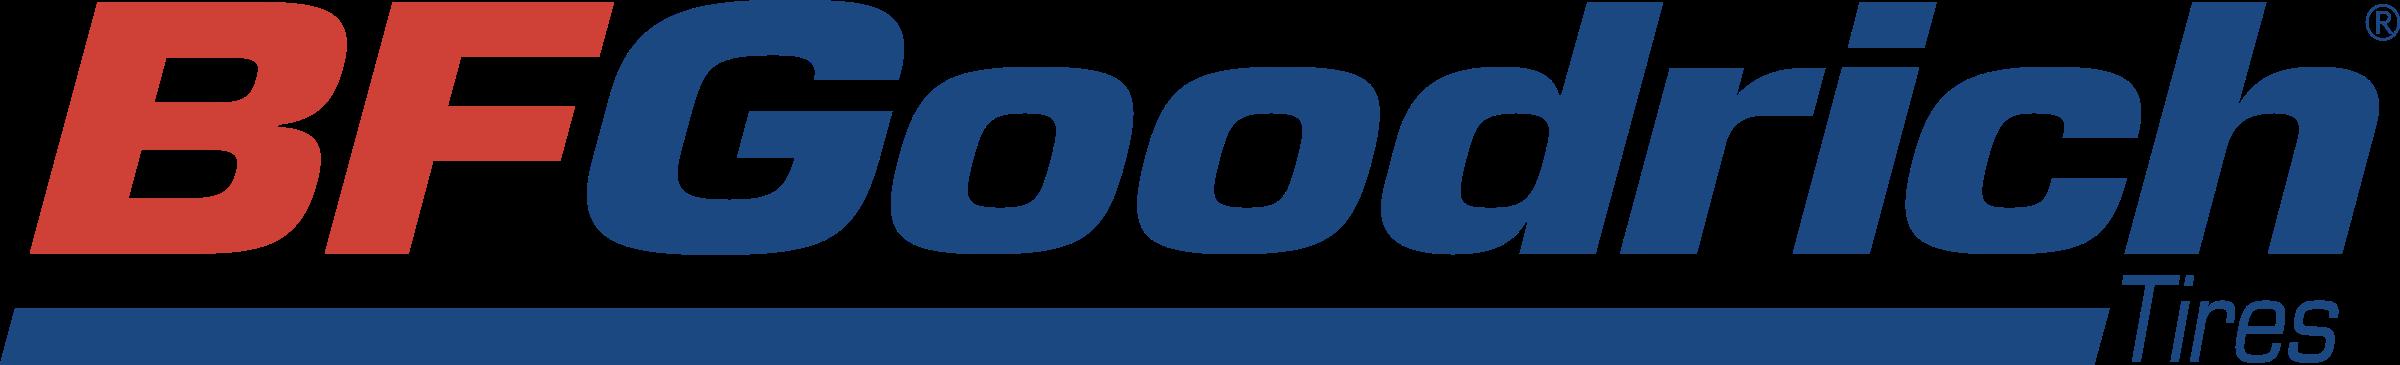 bfgoodrich-1-logo-png-transparent.png